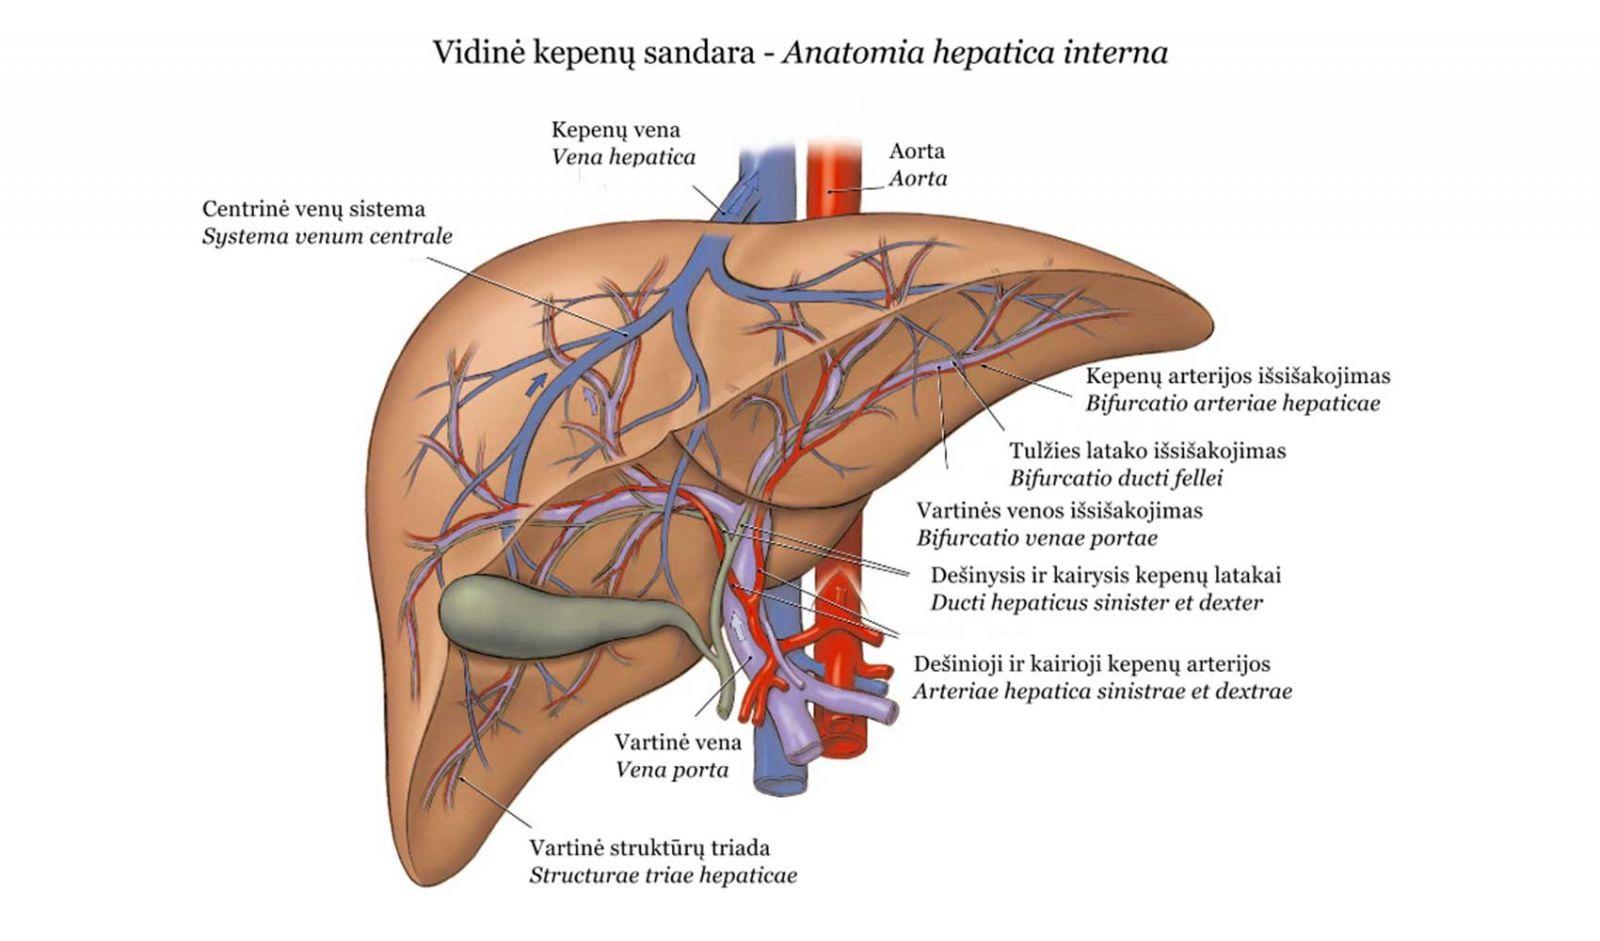 Vartų venos trombozės diagnostikos ir gydymo algoritmas